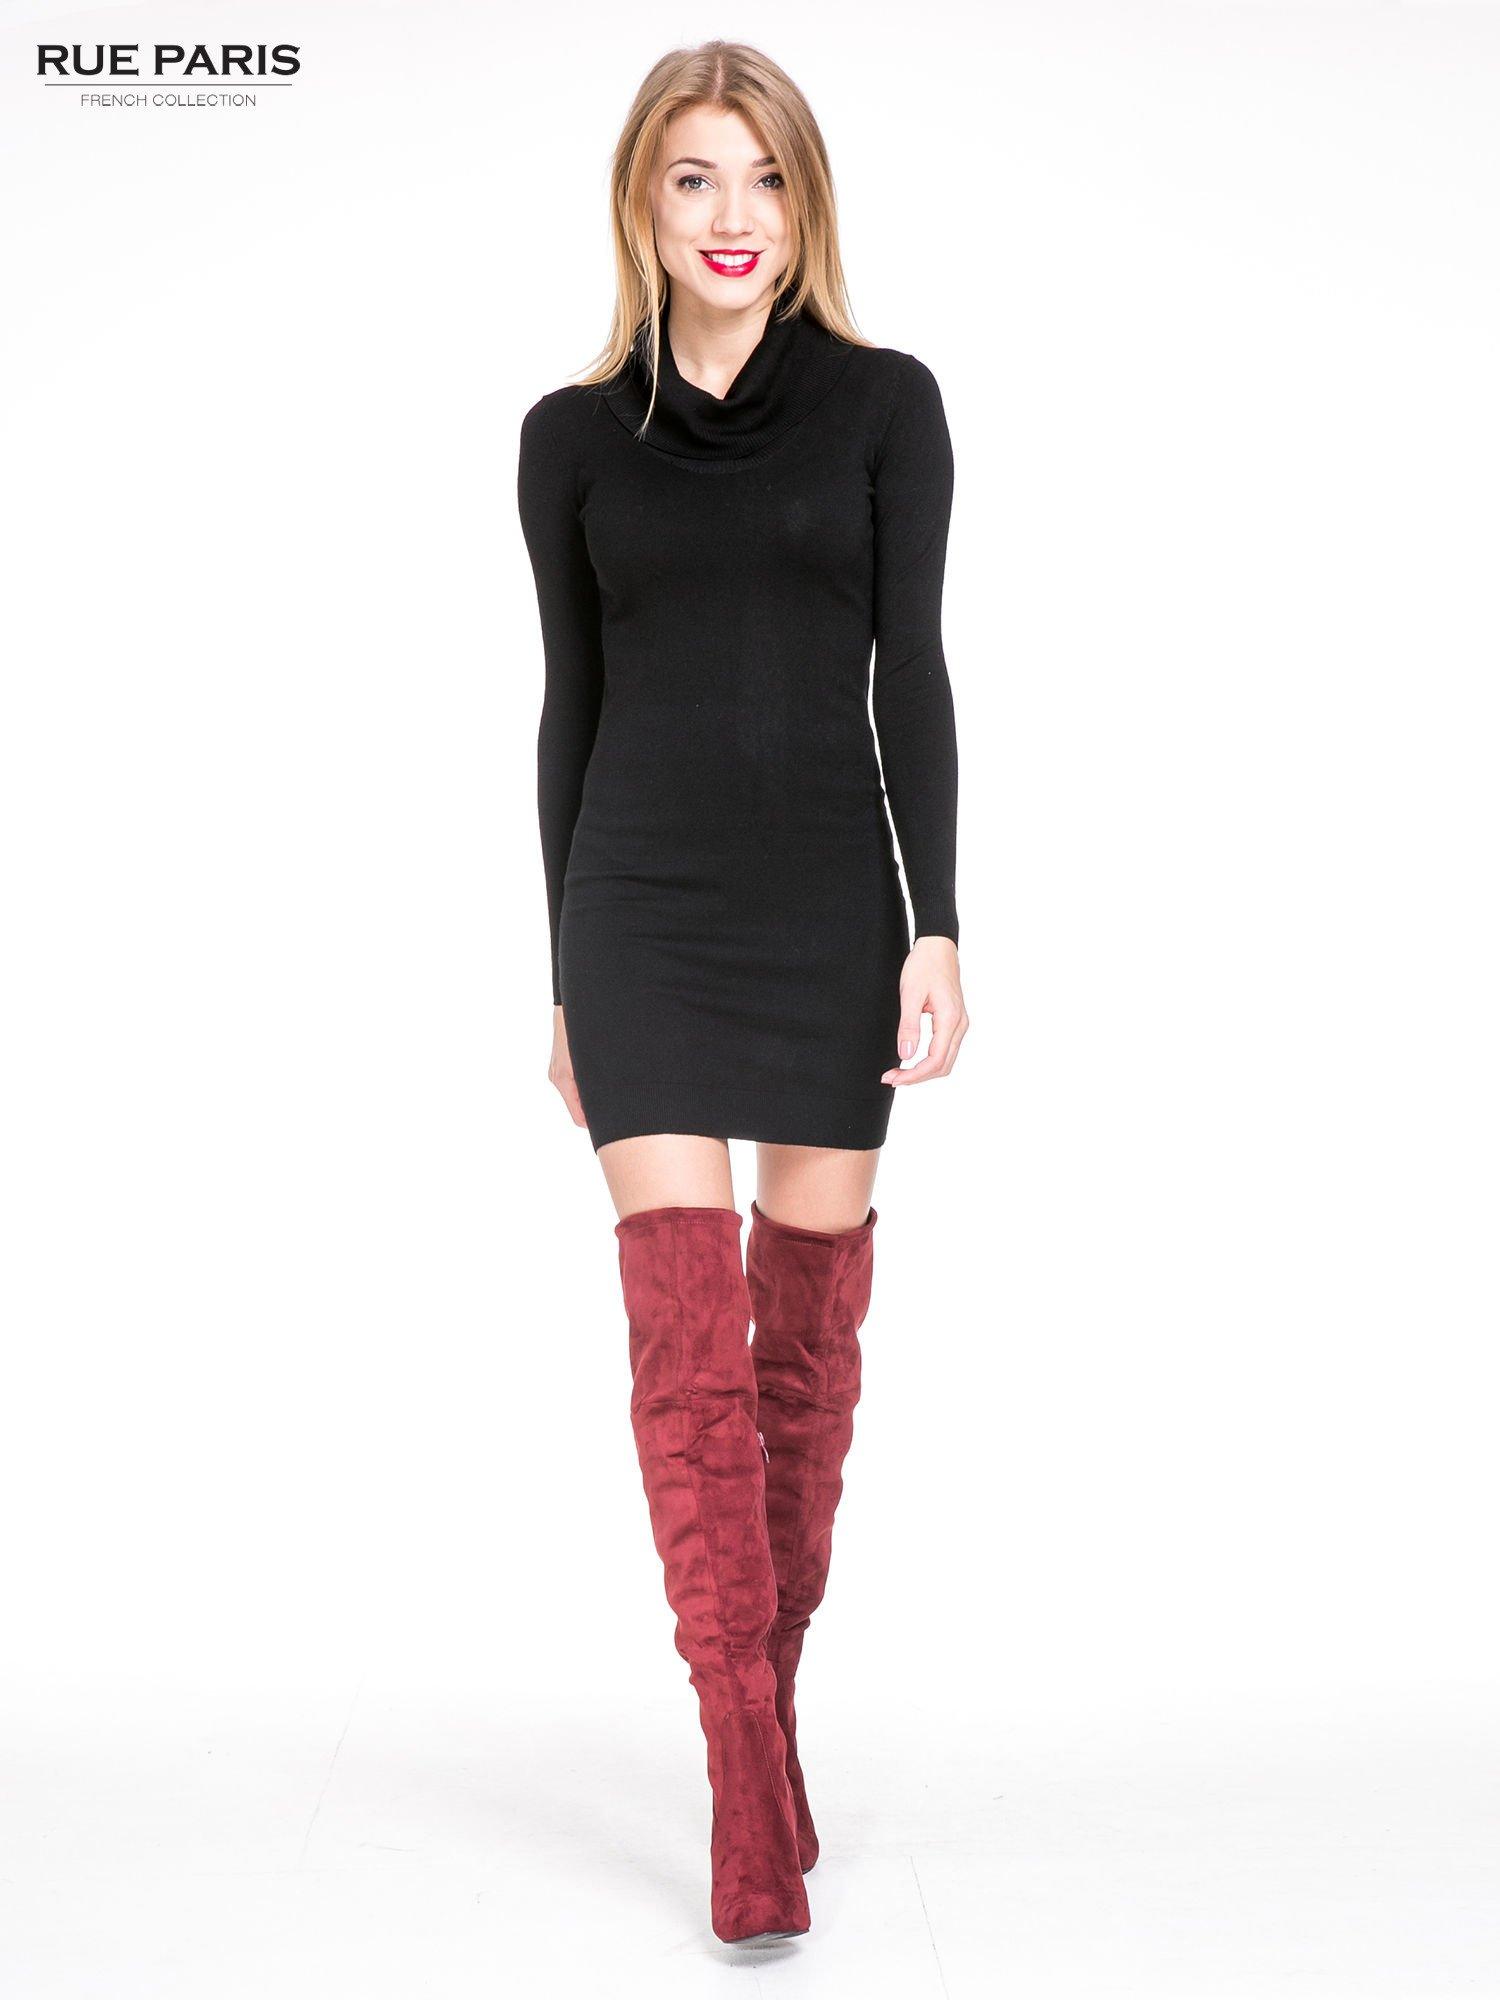 Czarna swetrowa sukienka z golfem                                  zdj.                                  1